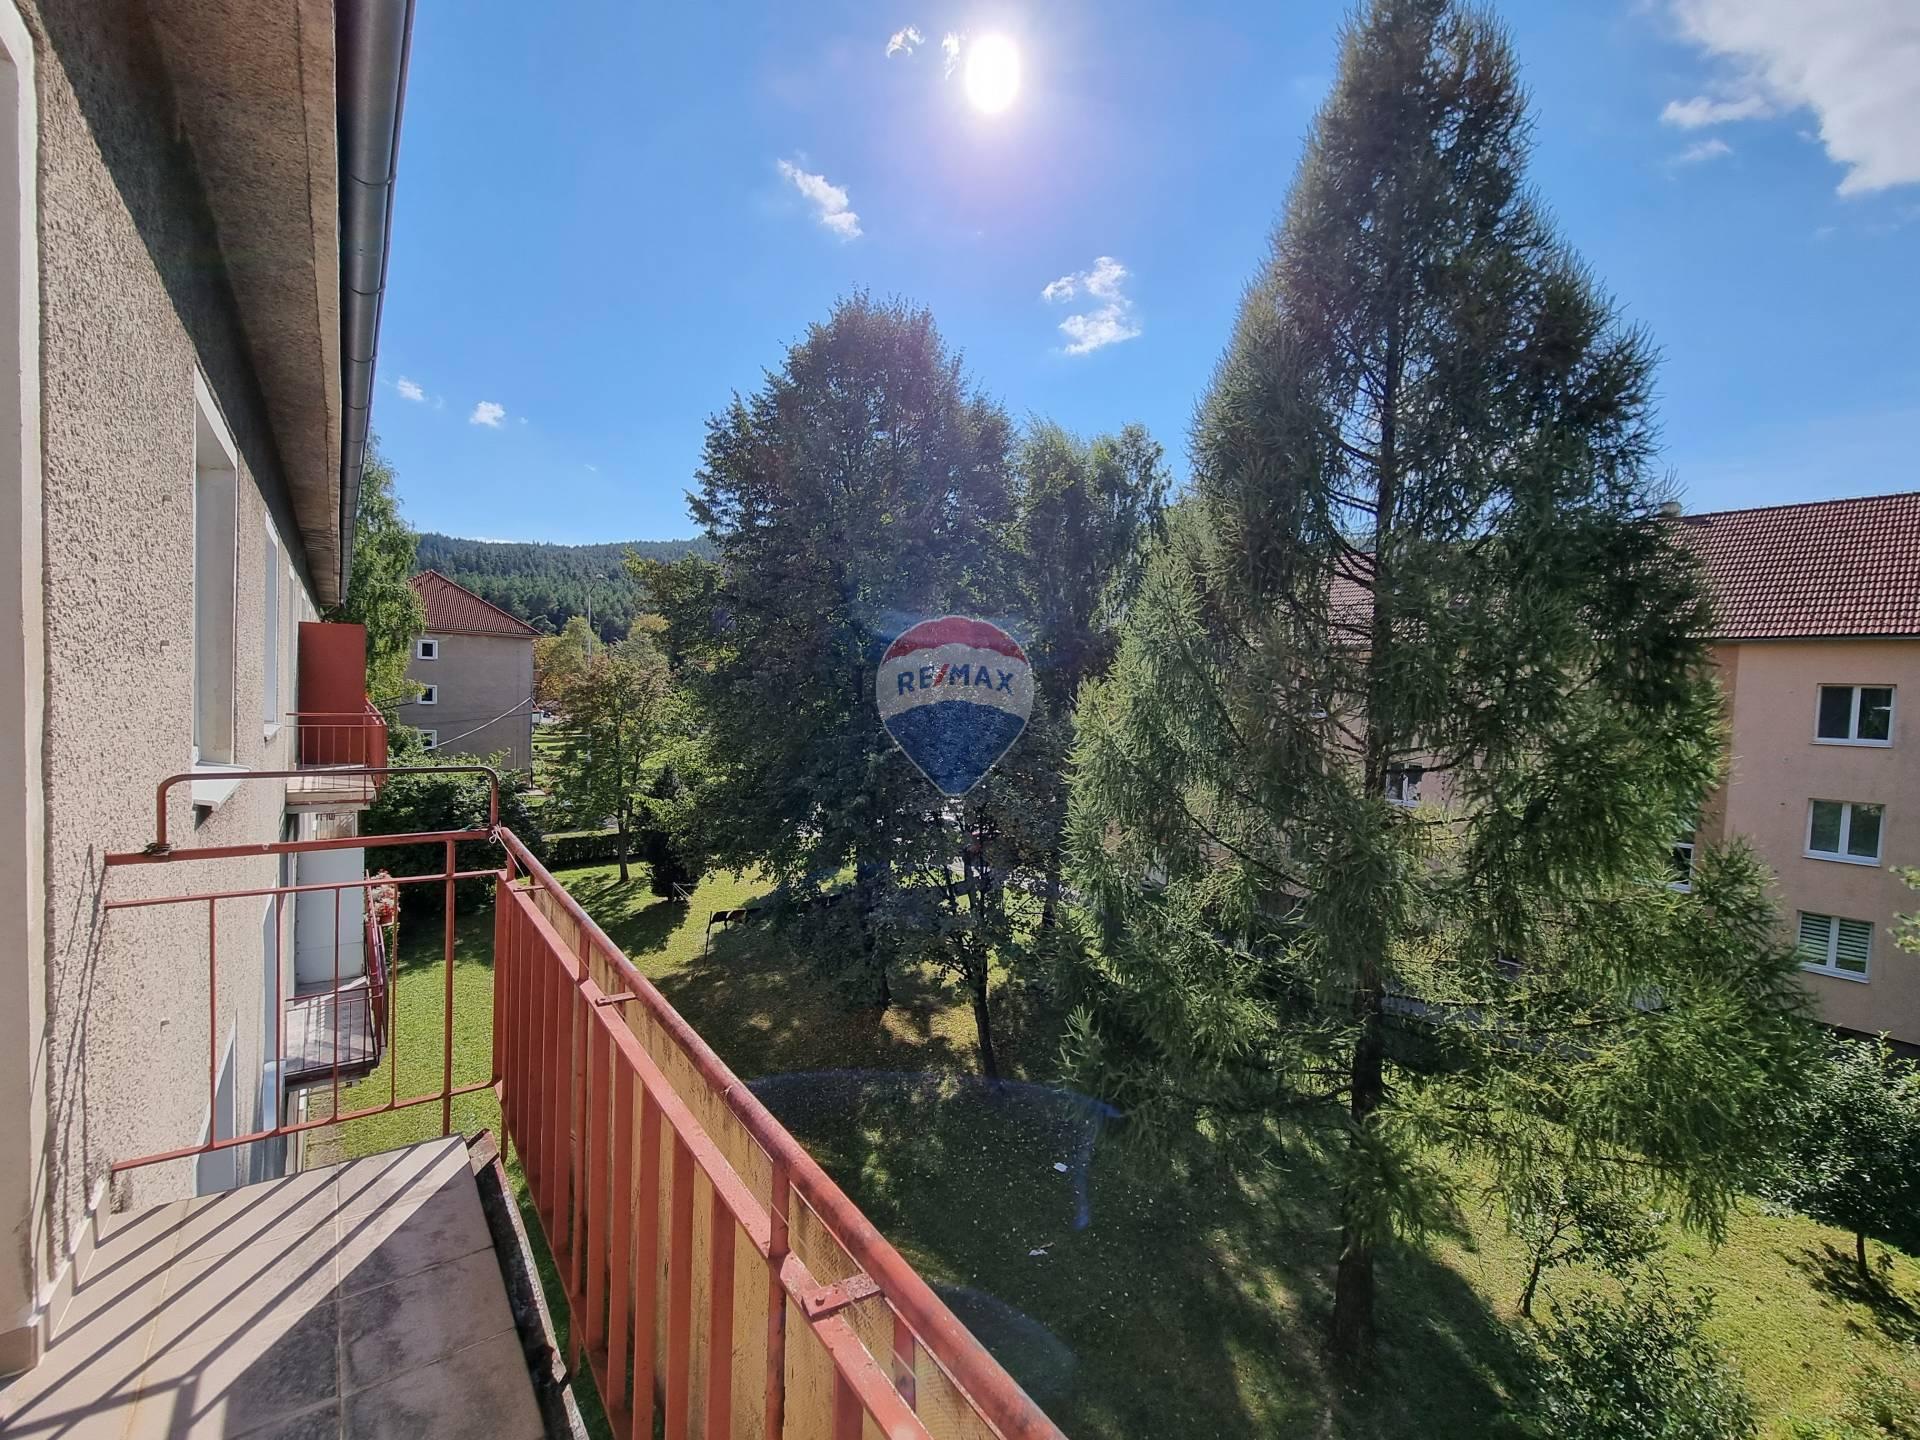 Predaj bytu (2 izbový) 55 m2, Svit - PREDAJ, 2-izbový byt, balkón, Svit, Ul. Štefánikova,